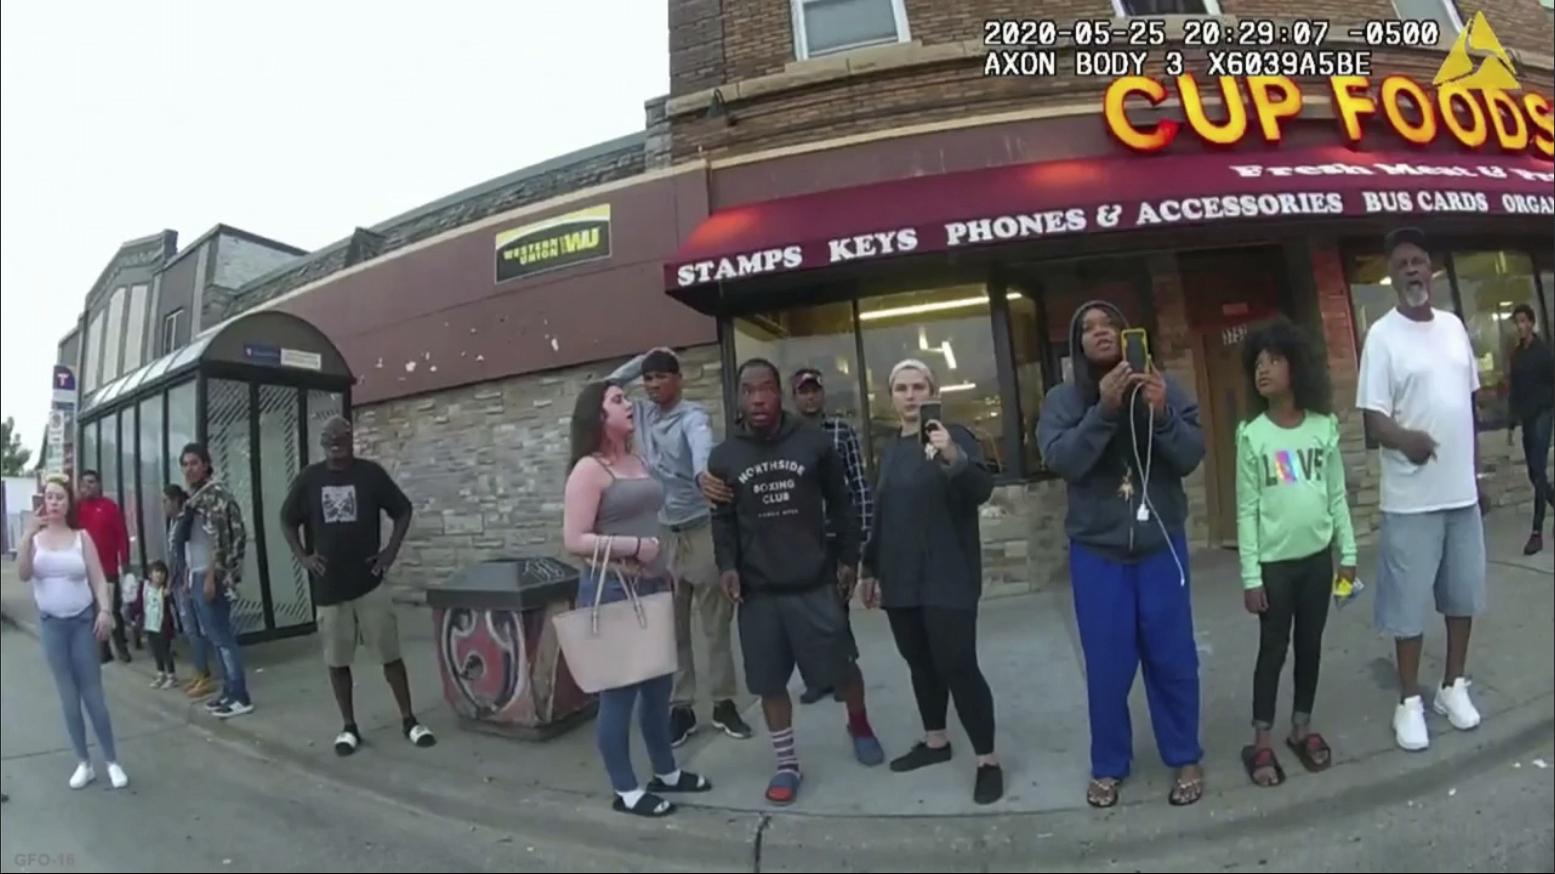 Bystanders filming police officer as he presses his knee on George Floyd's neck.